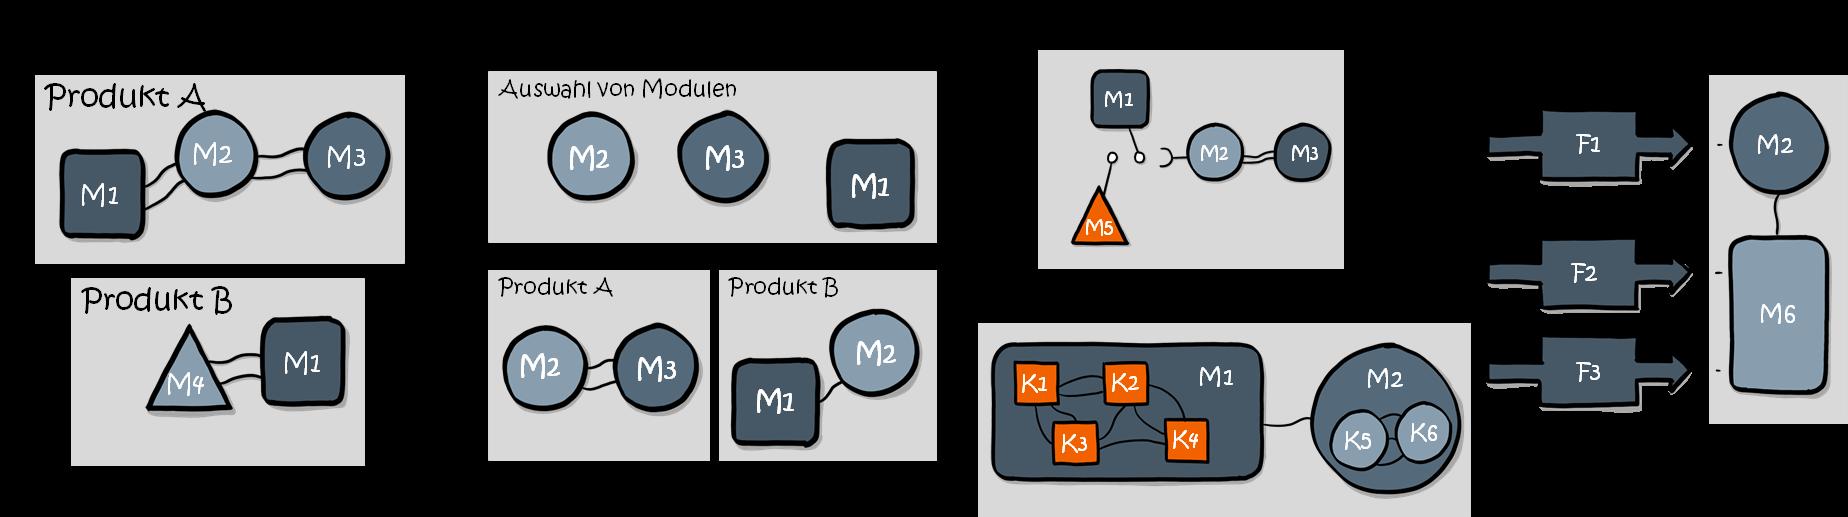 Modularisierung-Definition-Attribute